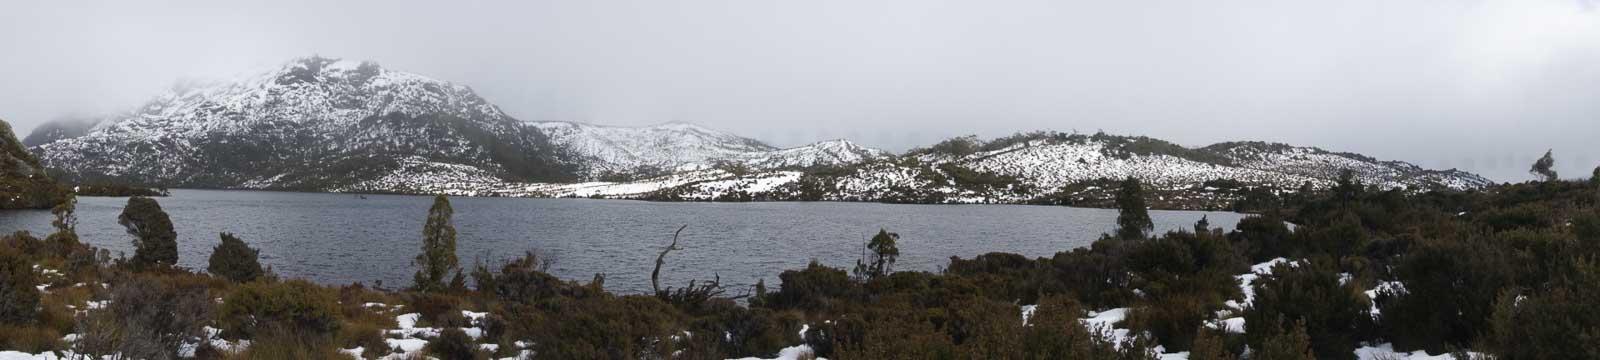 搖籃山山峰積雪,景色凄美。